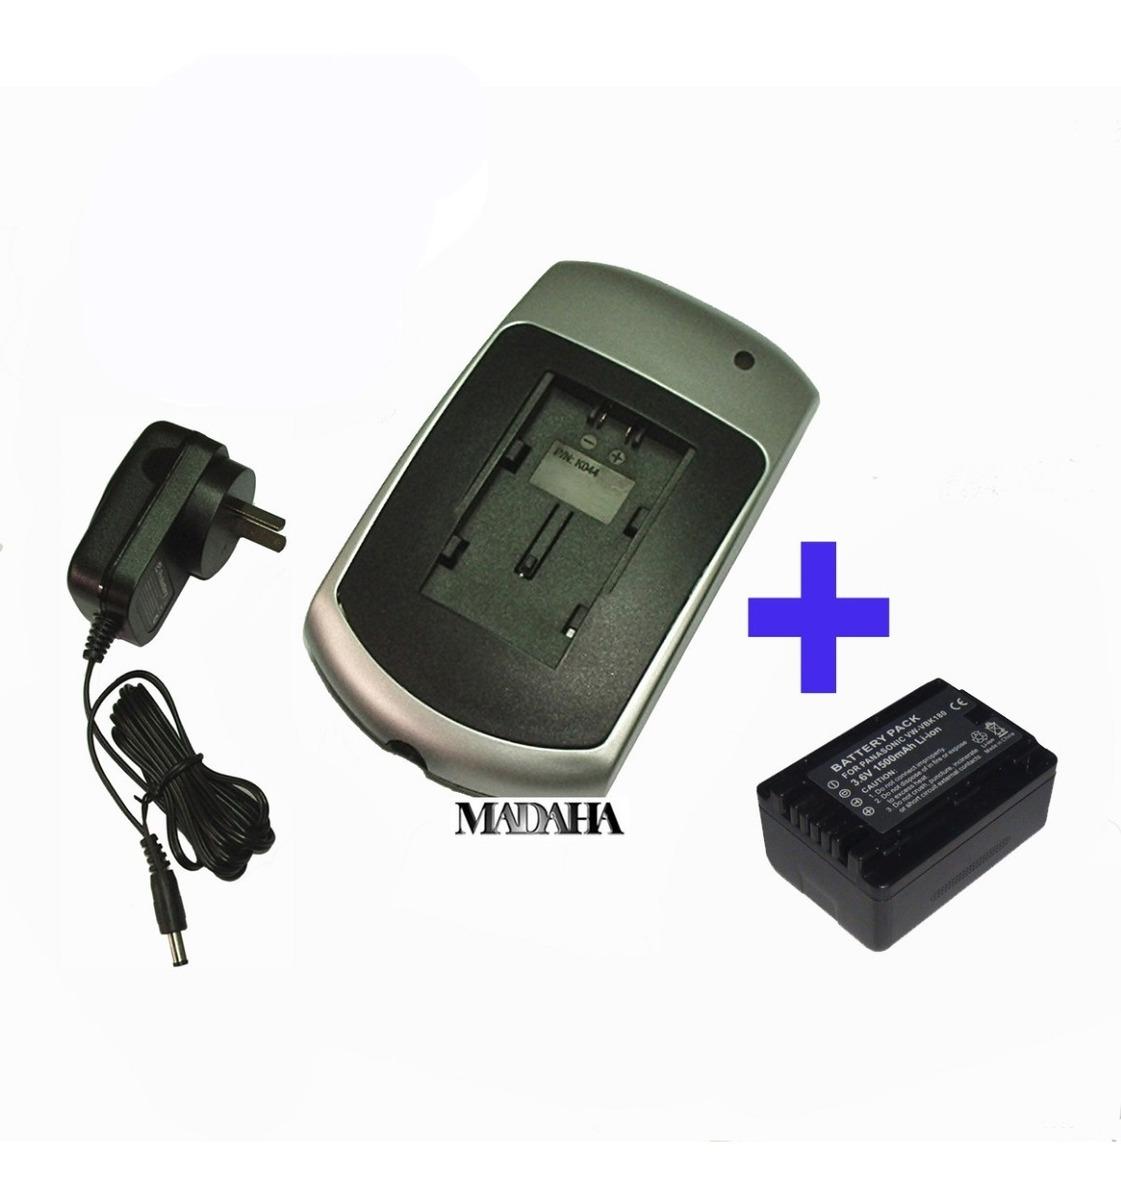 Batería CARGADOR para Panasonic hdc sd-60 sd-90 tm-40 tm-55 tm-90